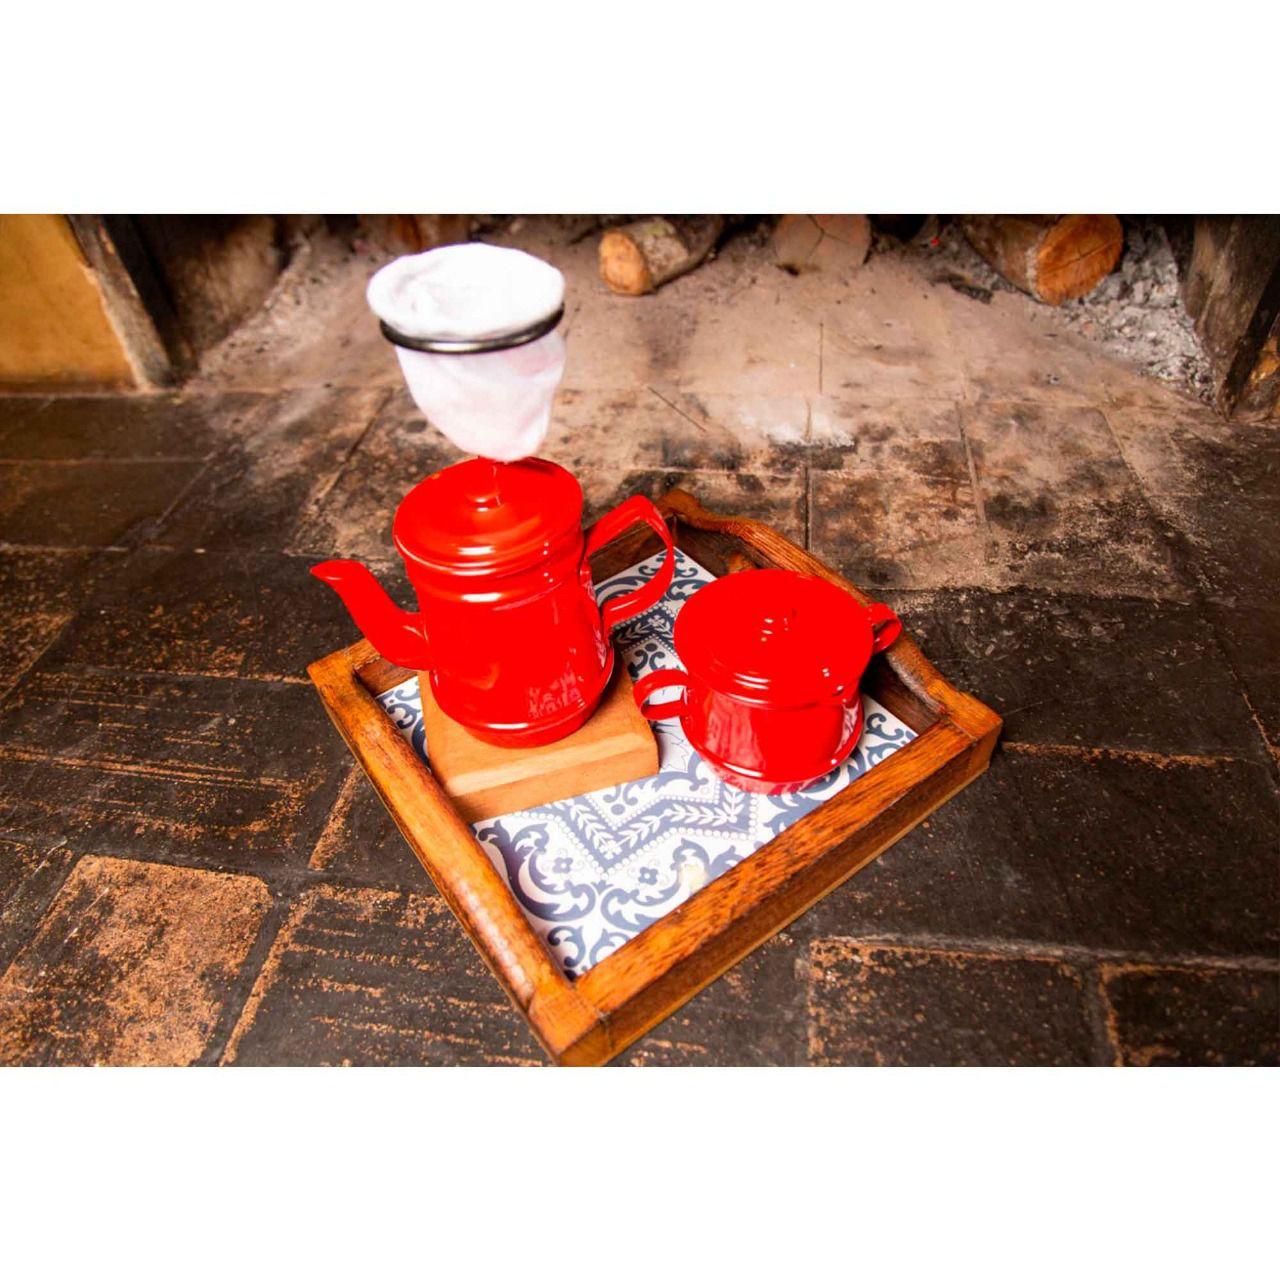 Kit bandeja pequena, kit mini bule 250 ml e açucareiro vermelho